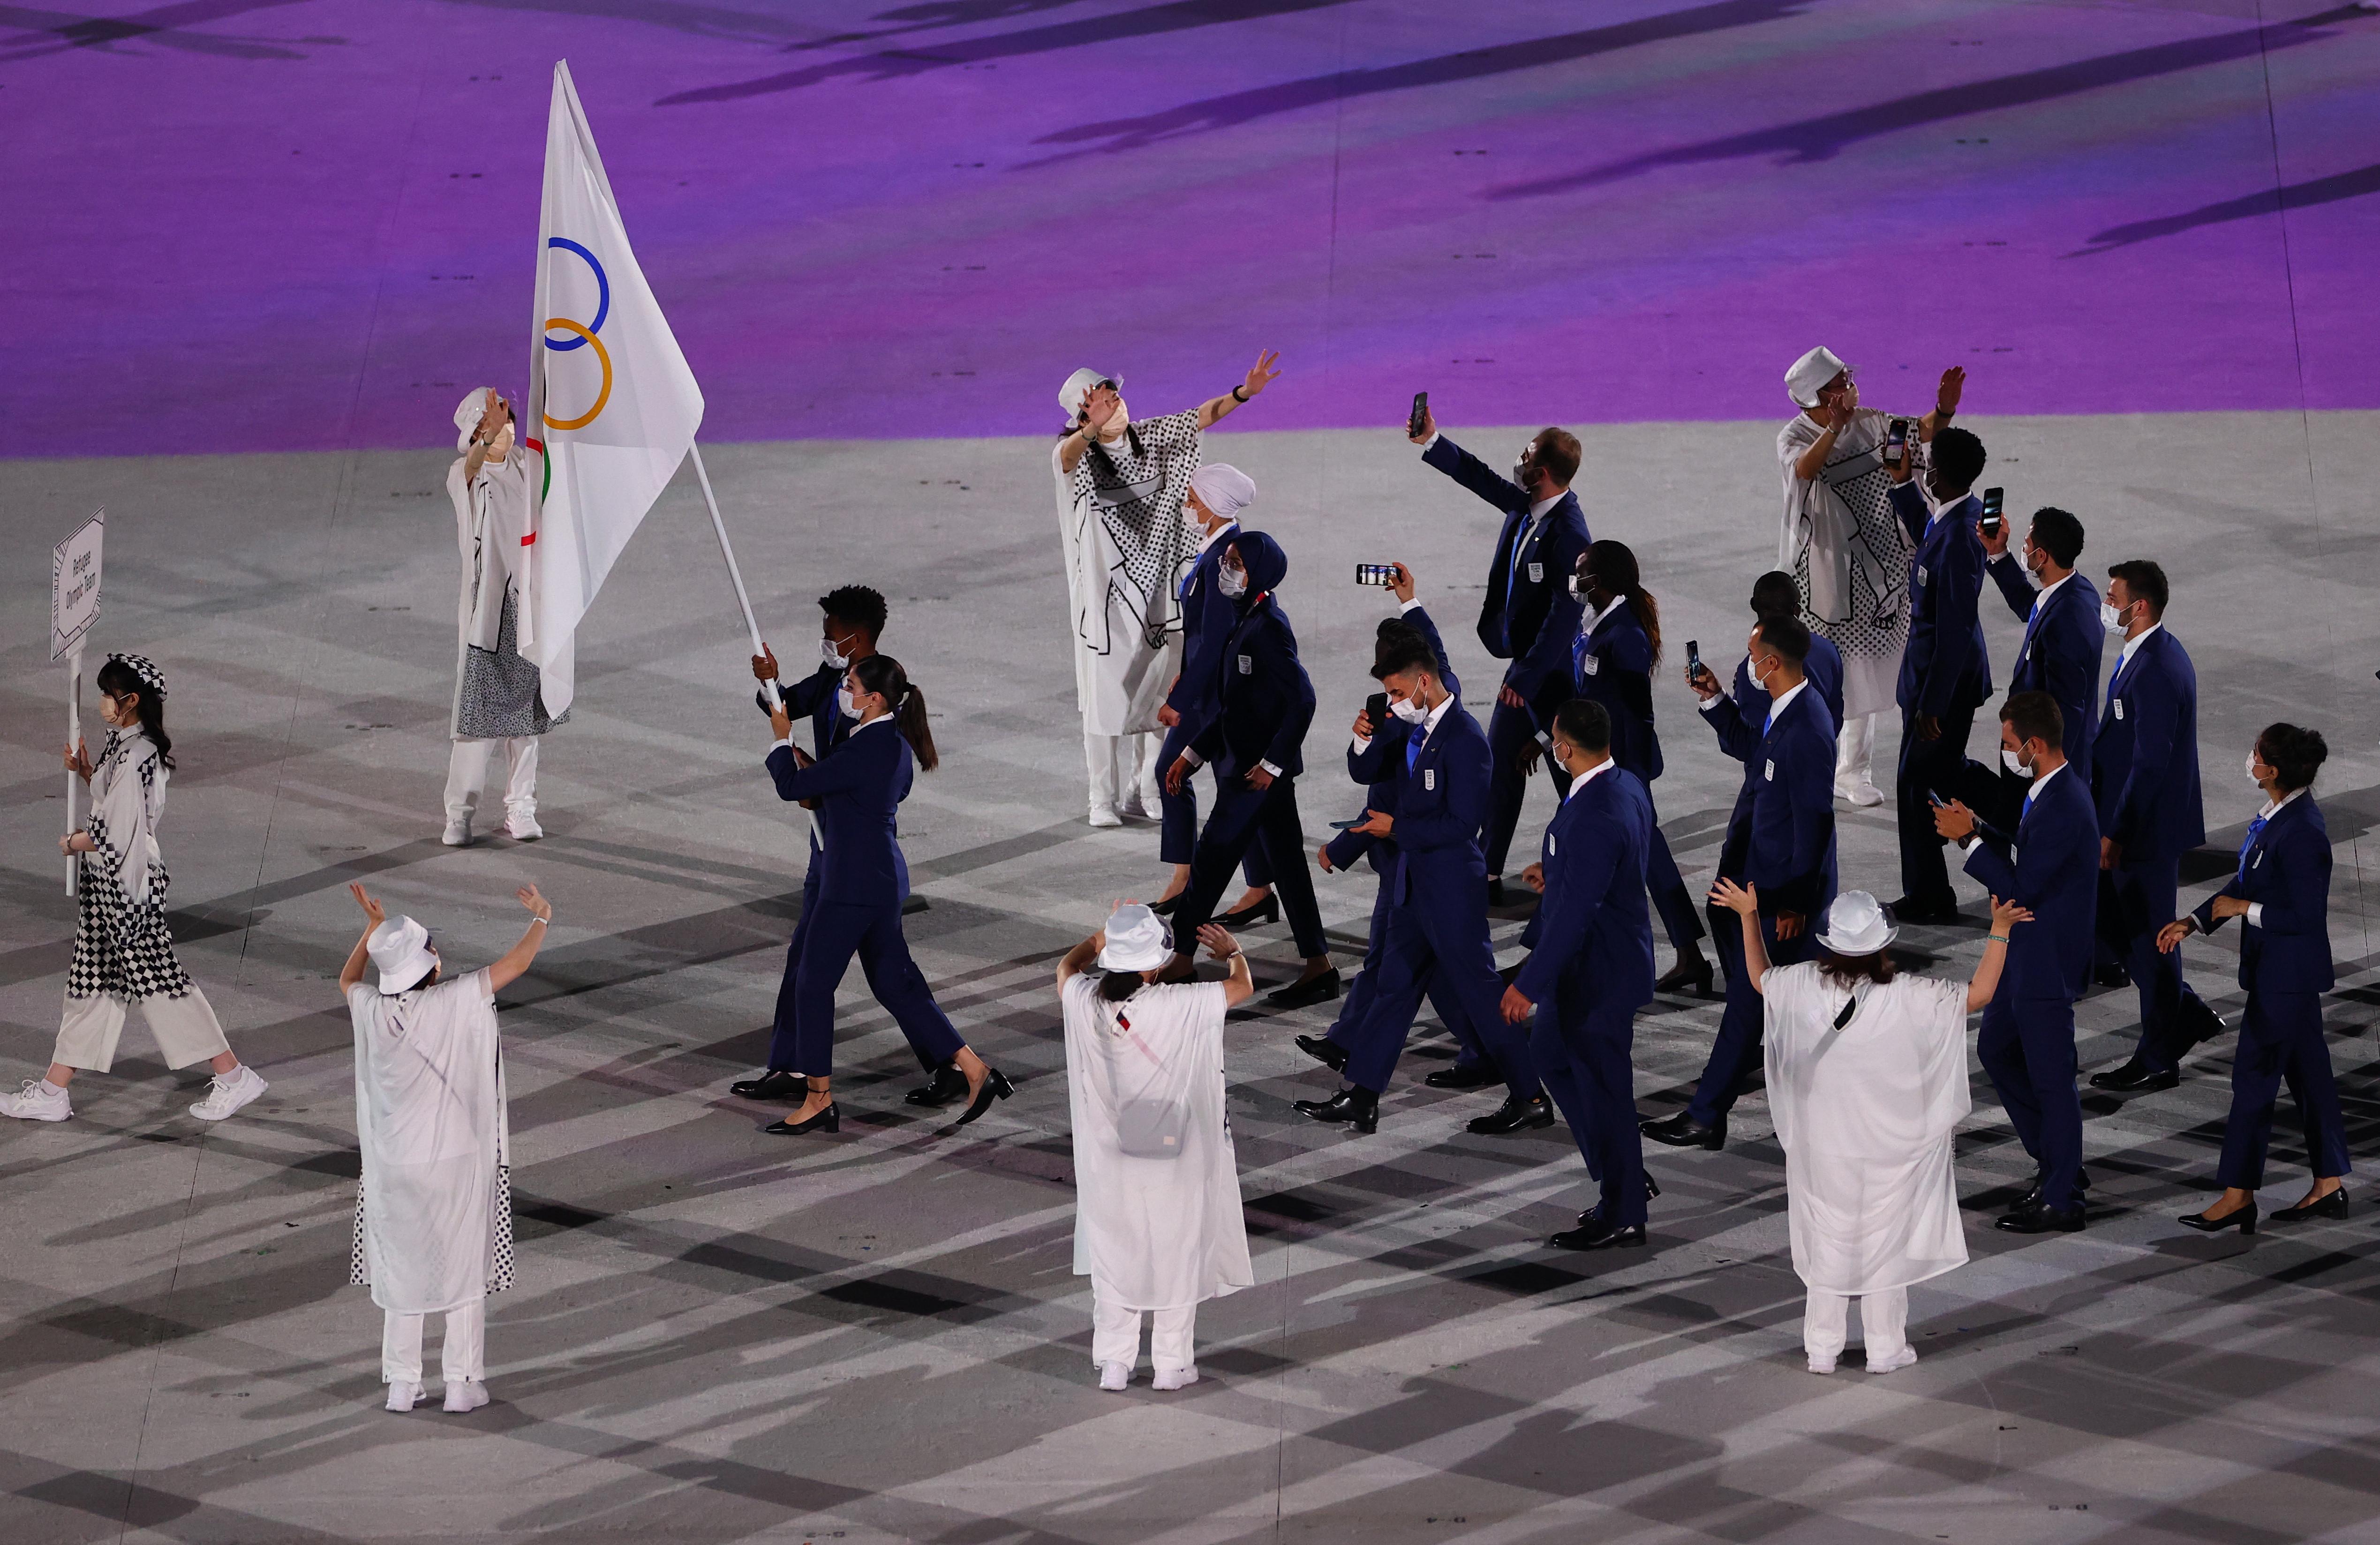 東京奧運,運動,國族,競賽,戈培爾效應,行銷,戴資穎,麟洋配,陳雨菲,潘政琮